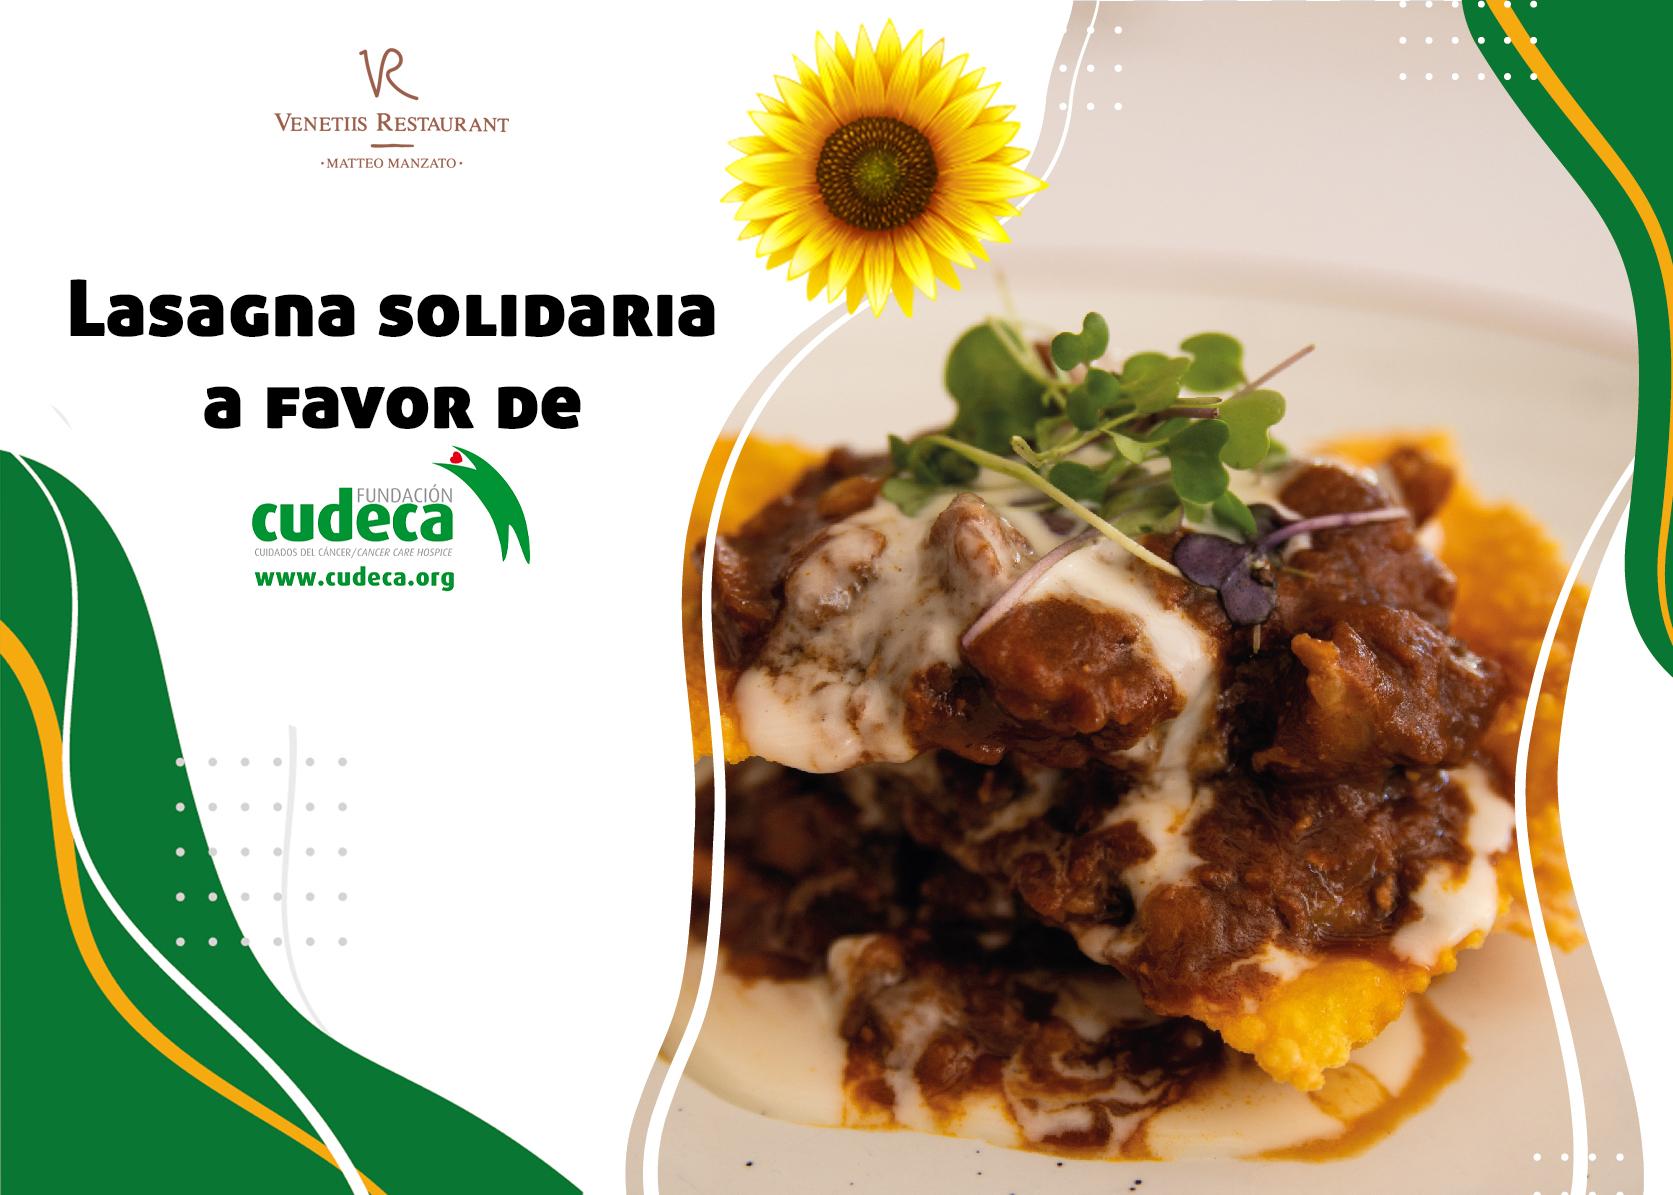 Lasagna Solidaria Venetiis Restaurant